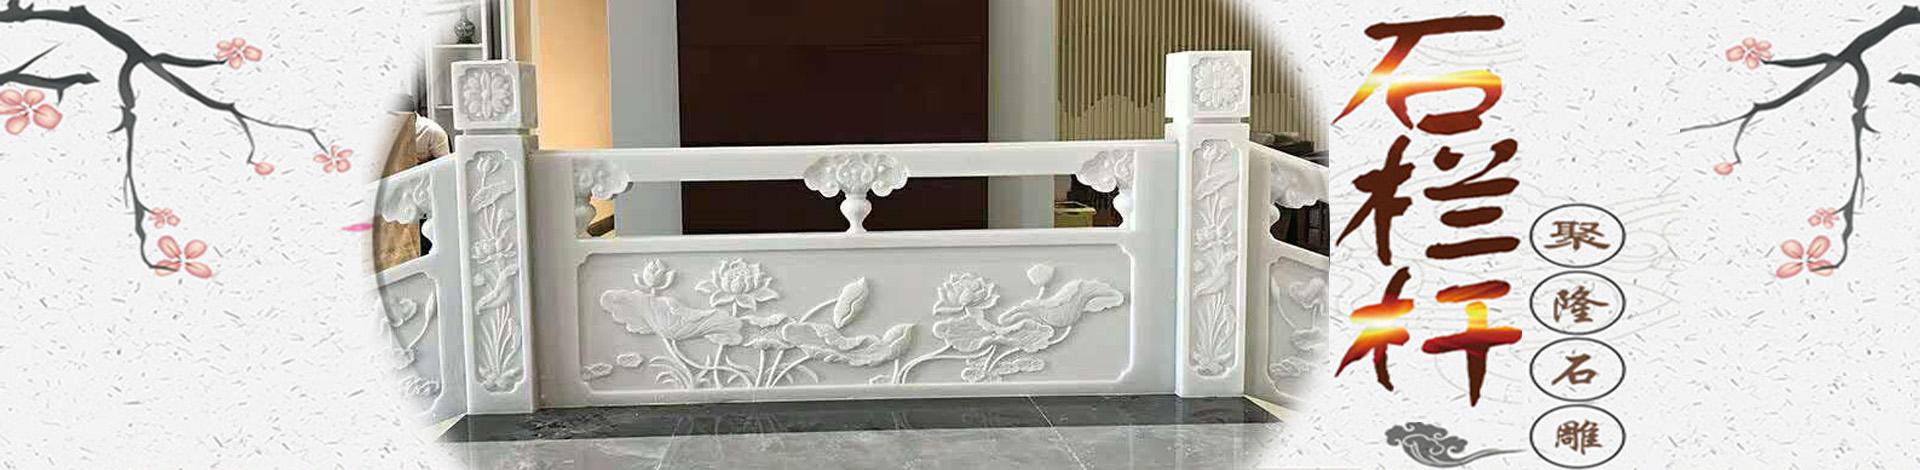 曲阳县聚隆园林雕塑有限公司